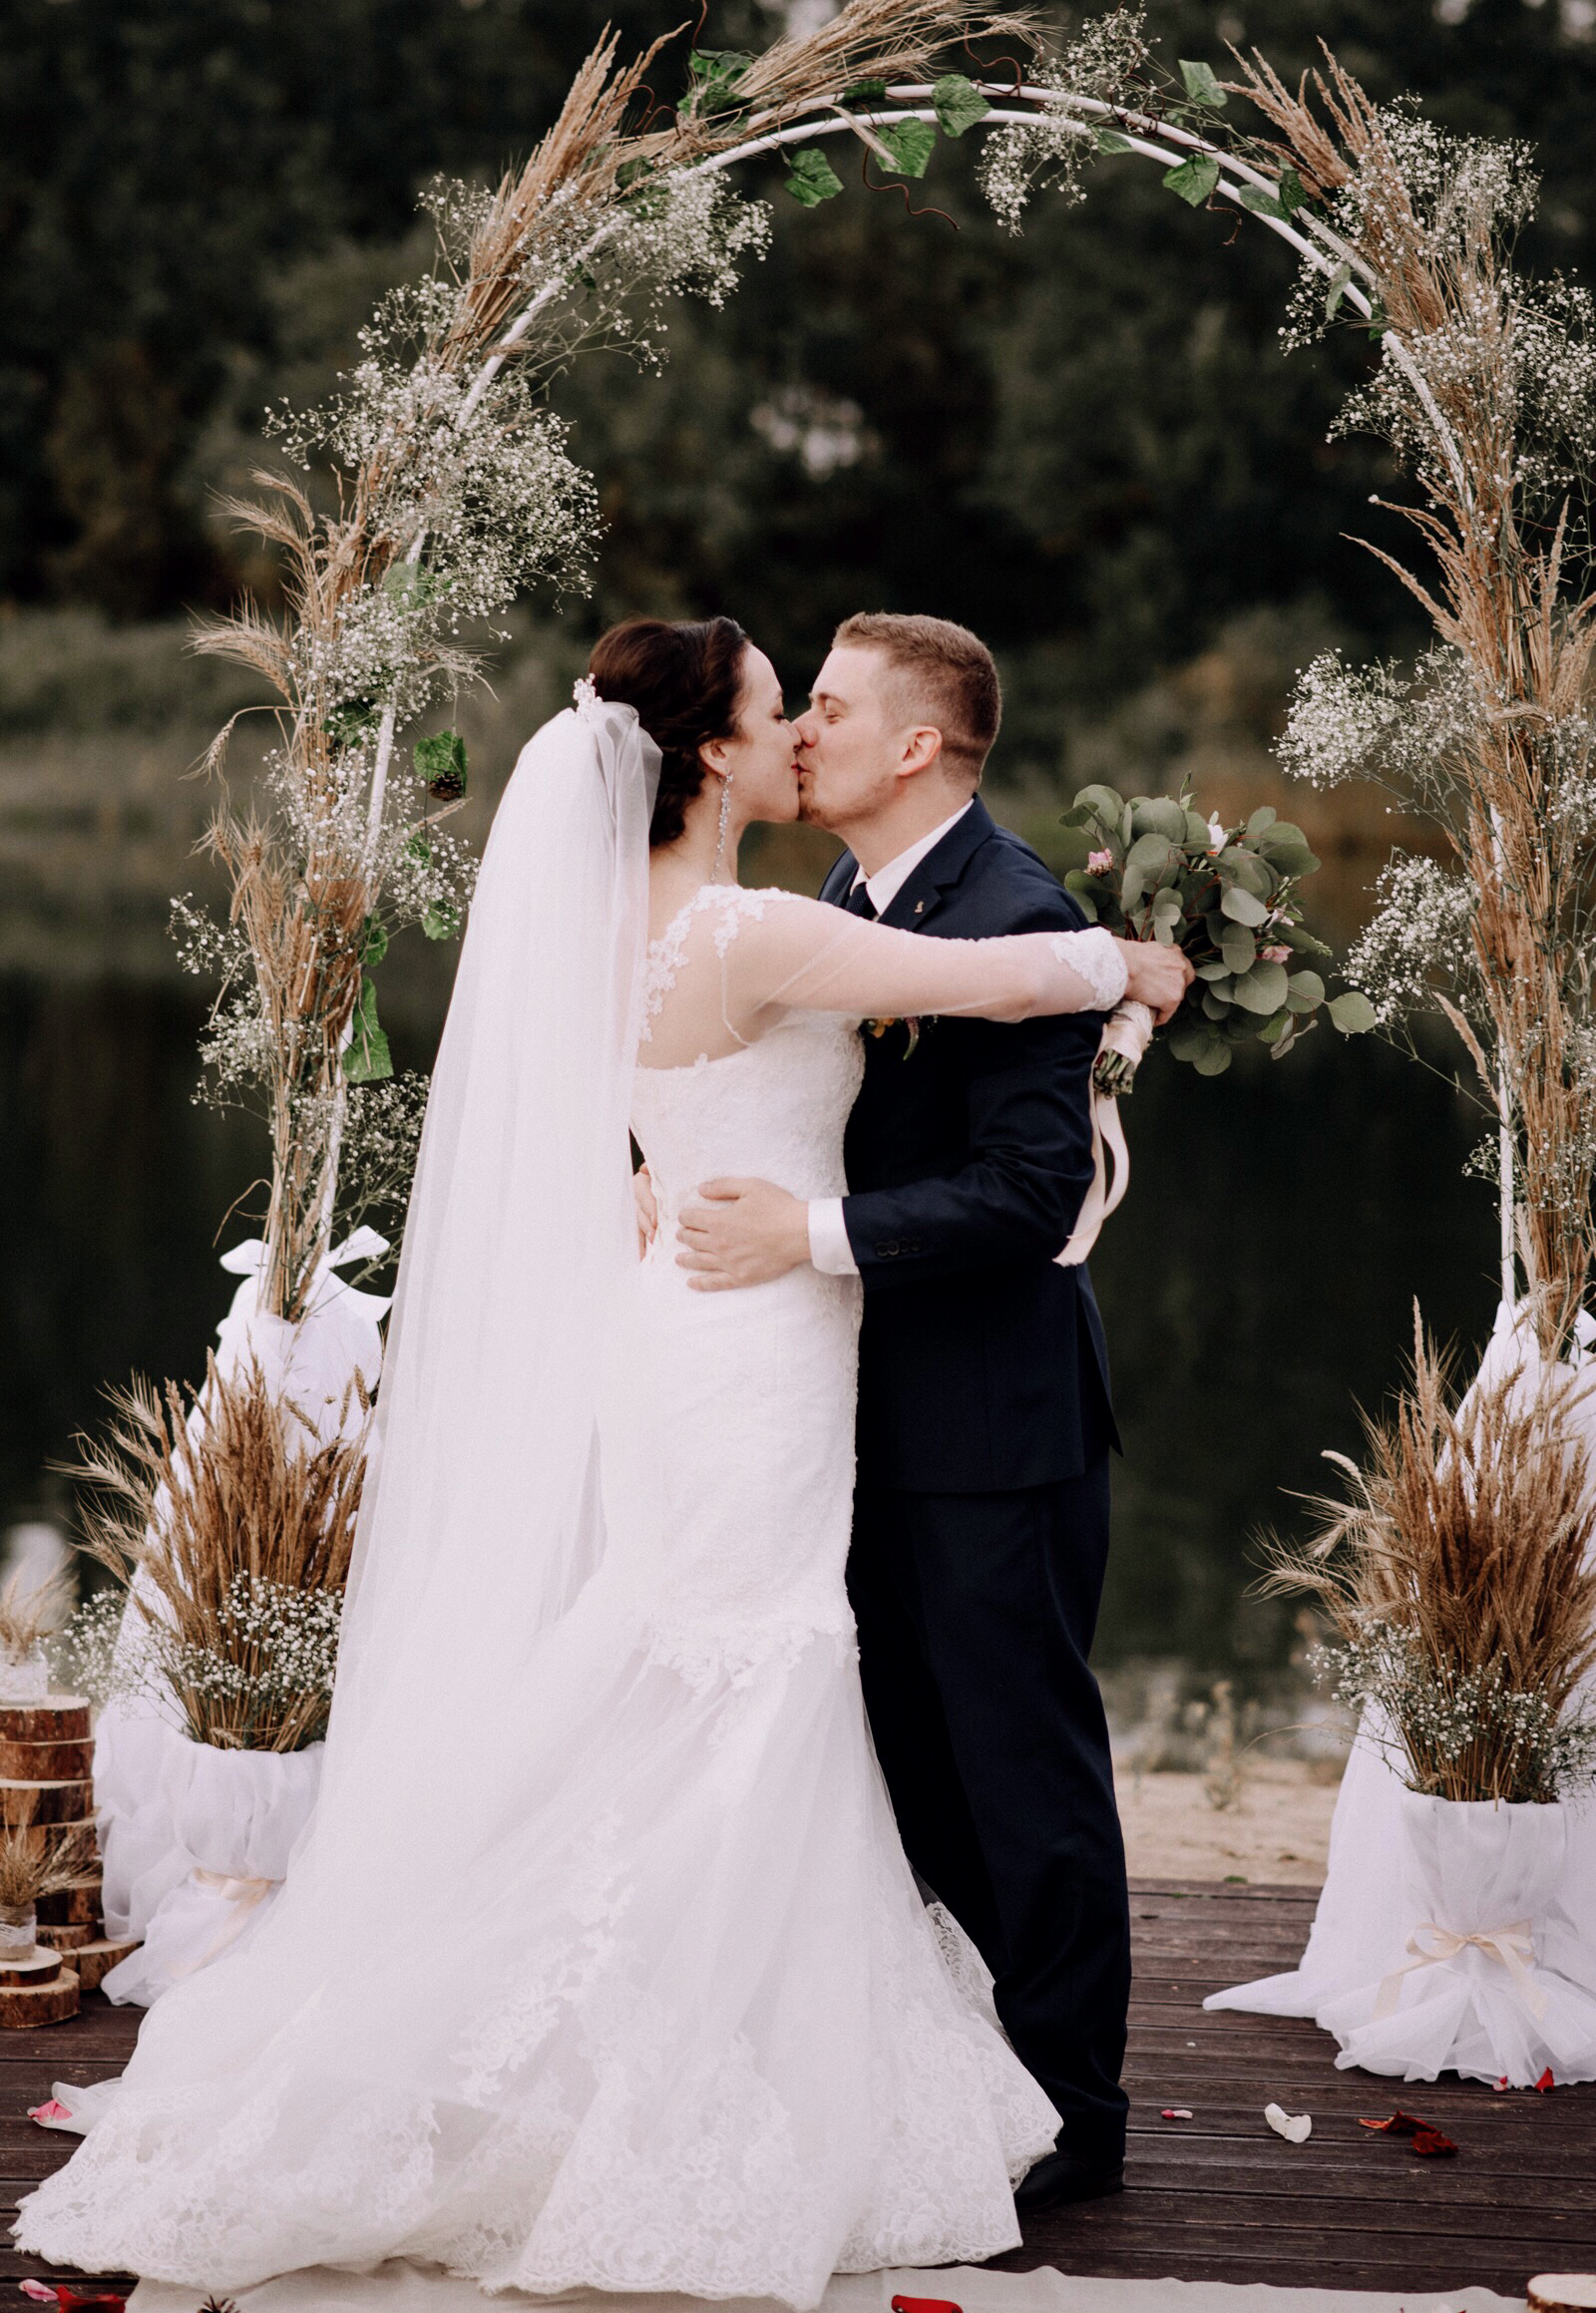 свадебная церемония казань